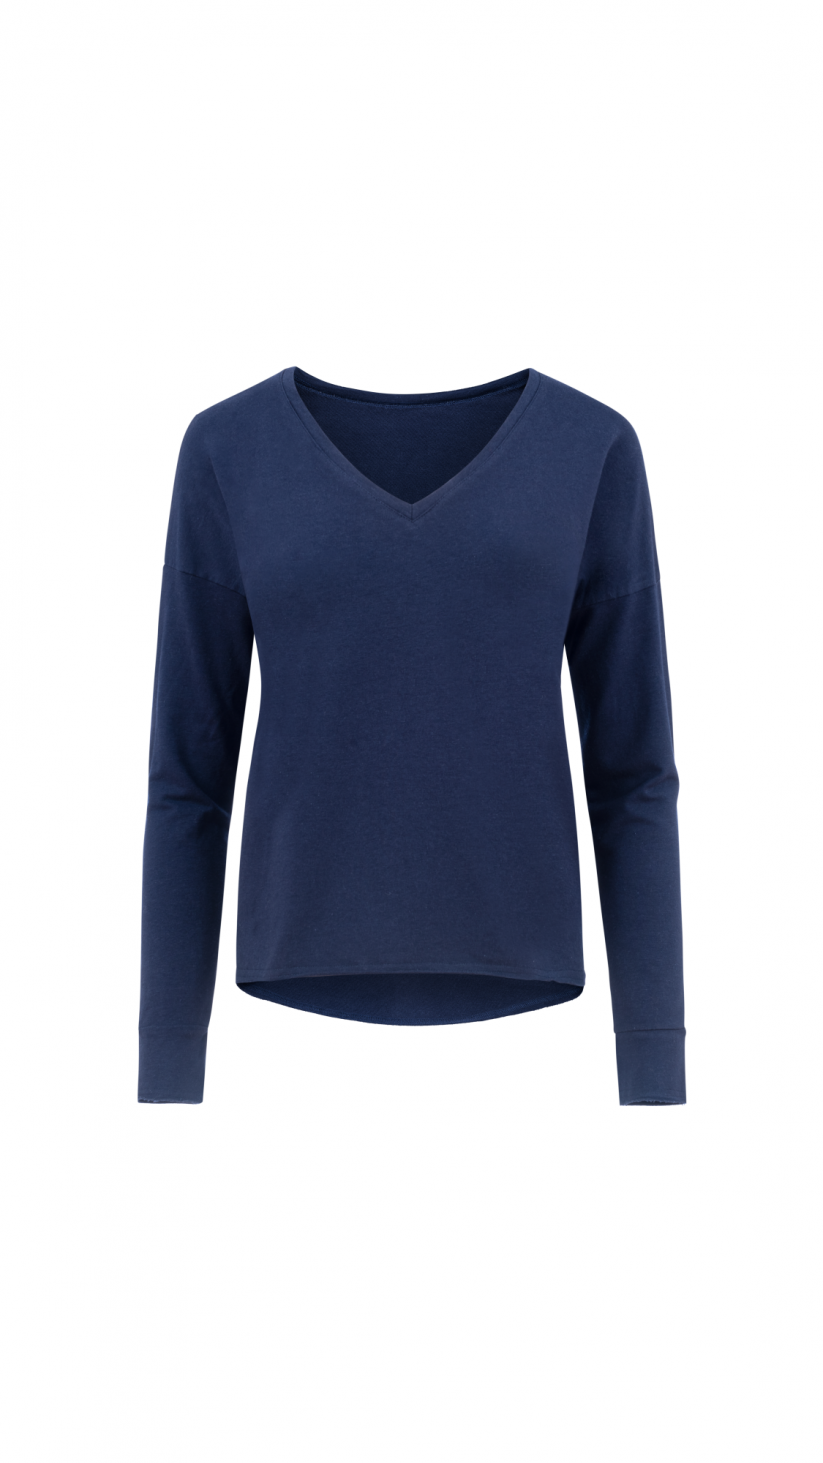 Bluza Stephanie | Głęboki Granat | Wygodna bluza z dzianiny